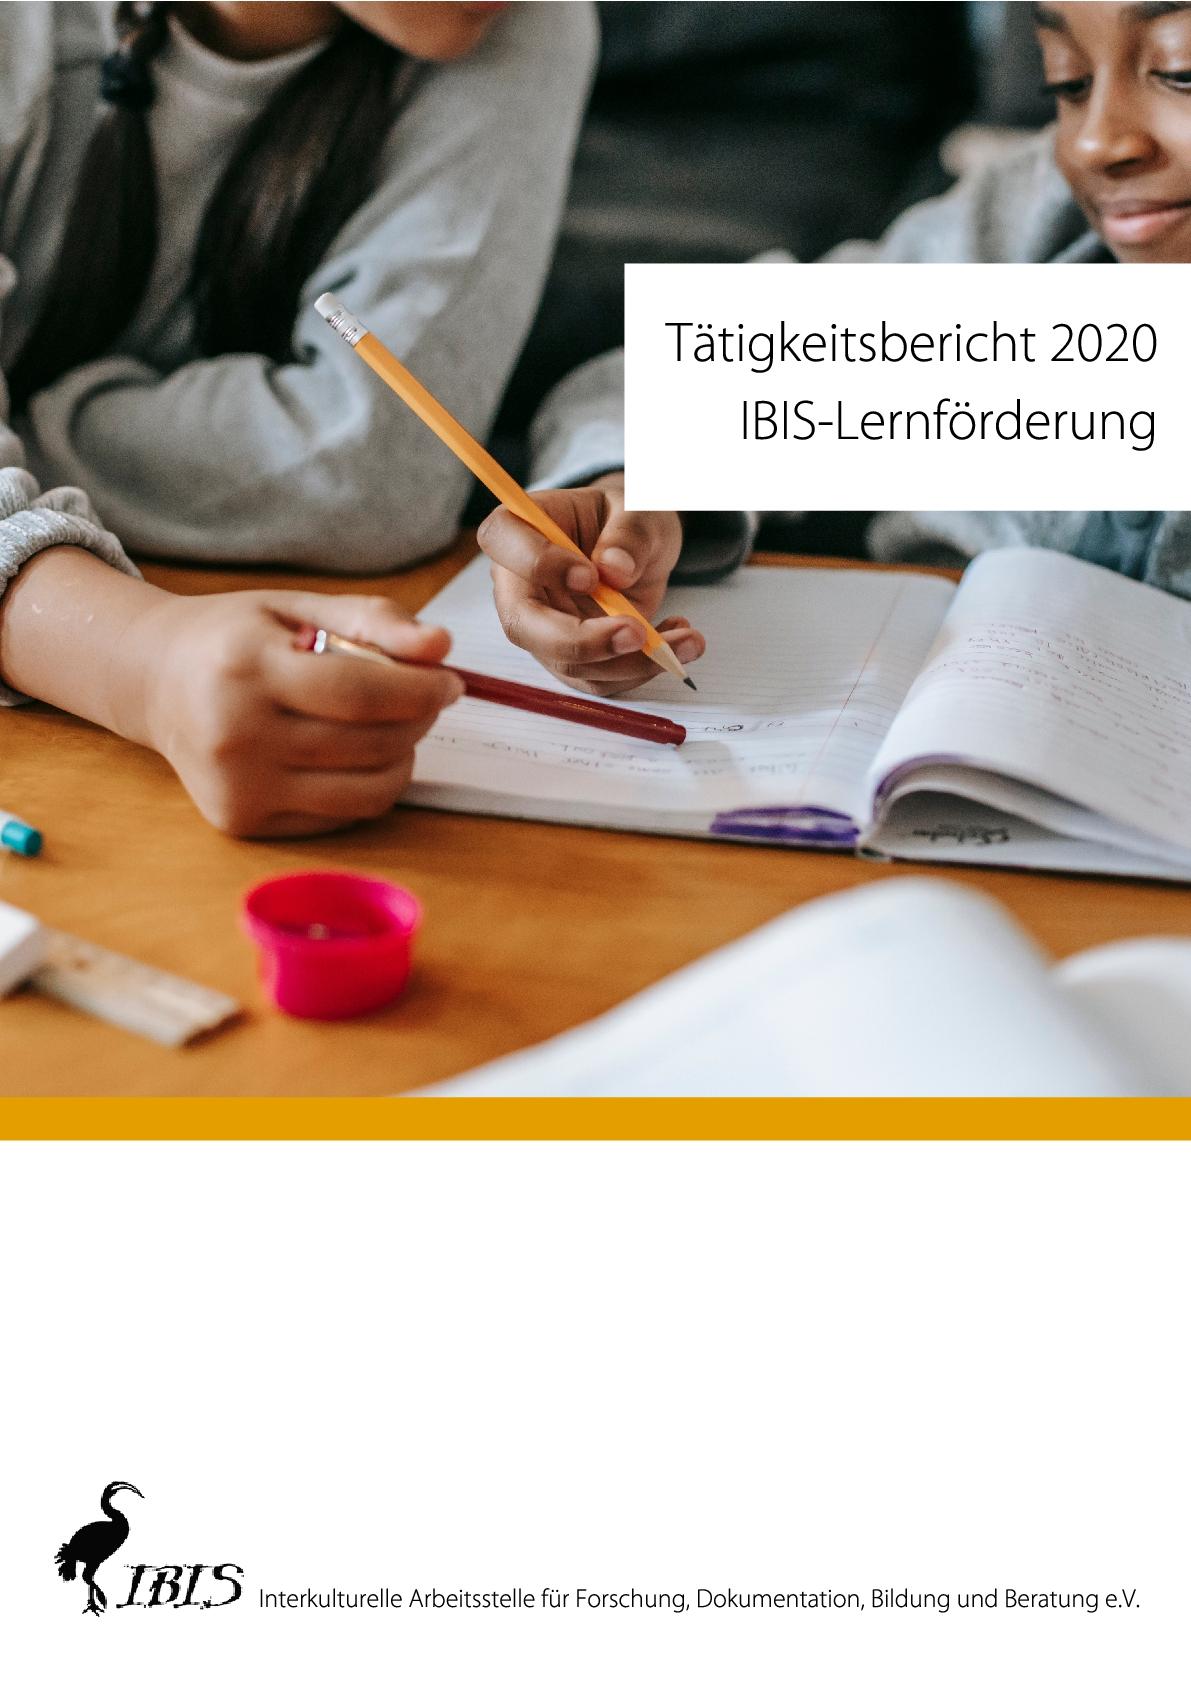 Tätigkeitsbericht 2020 IBIS Lernförderung Hohe Quali 001